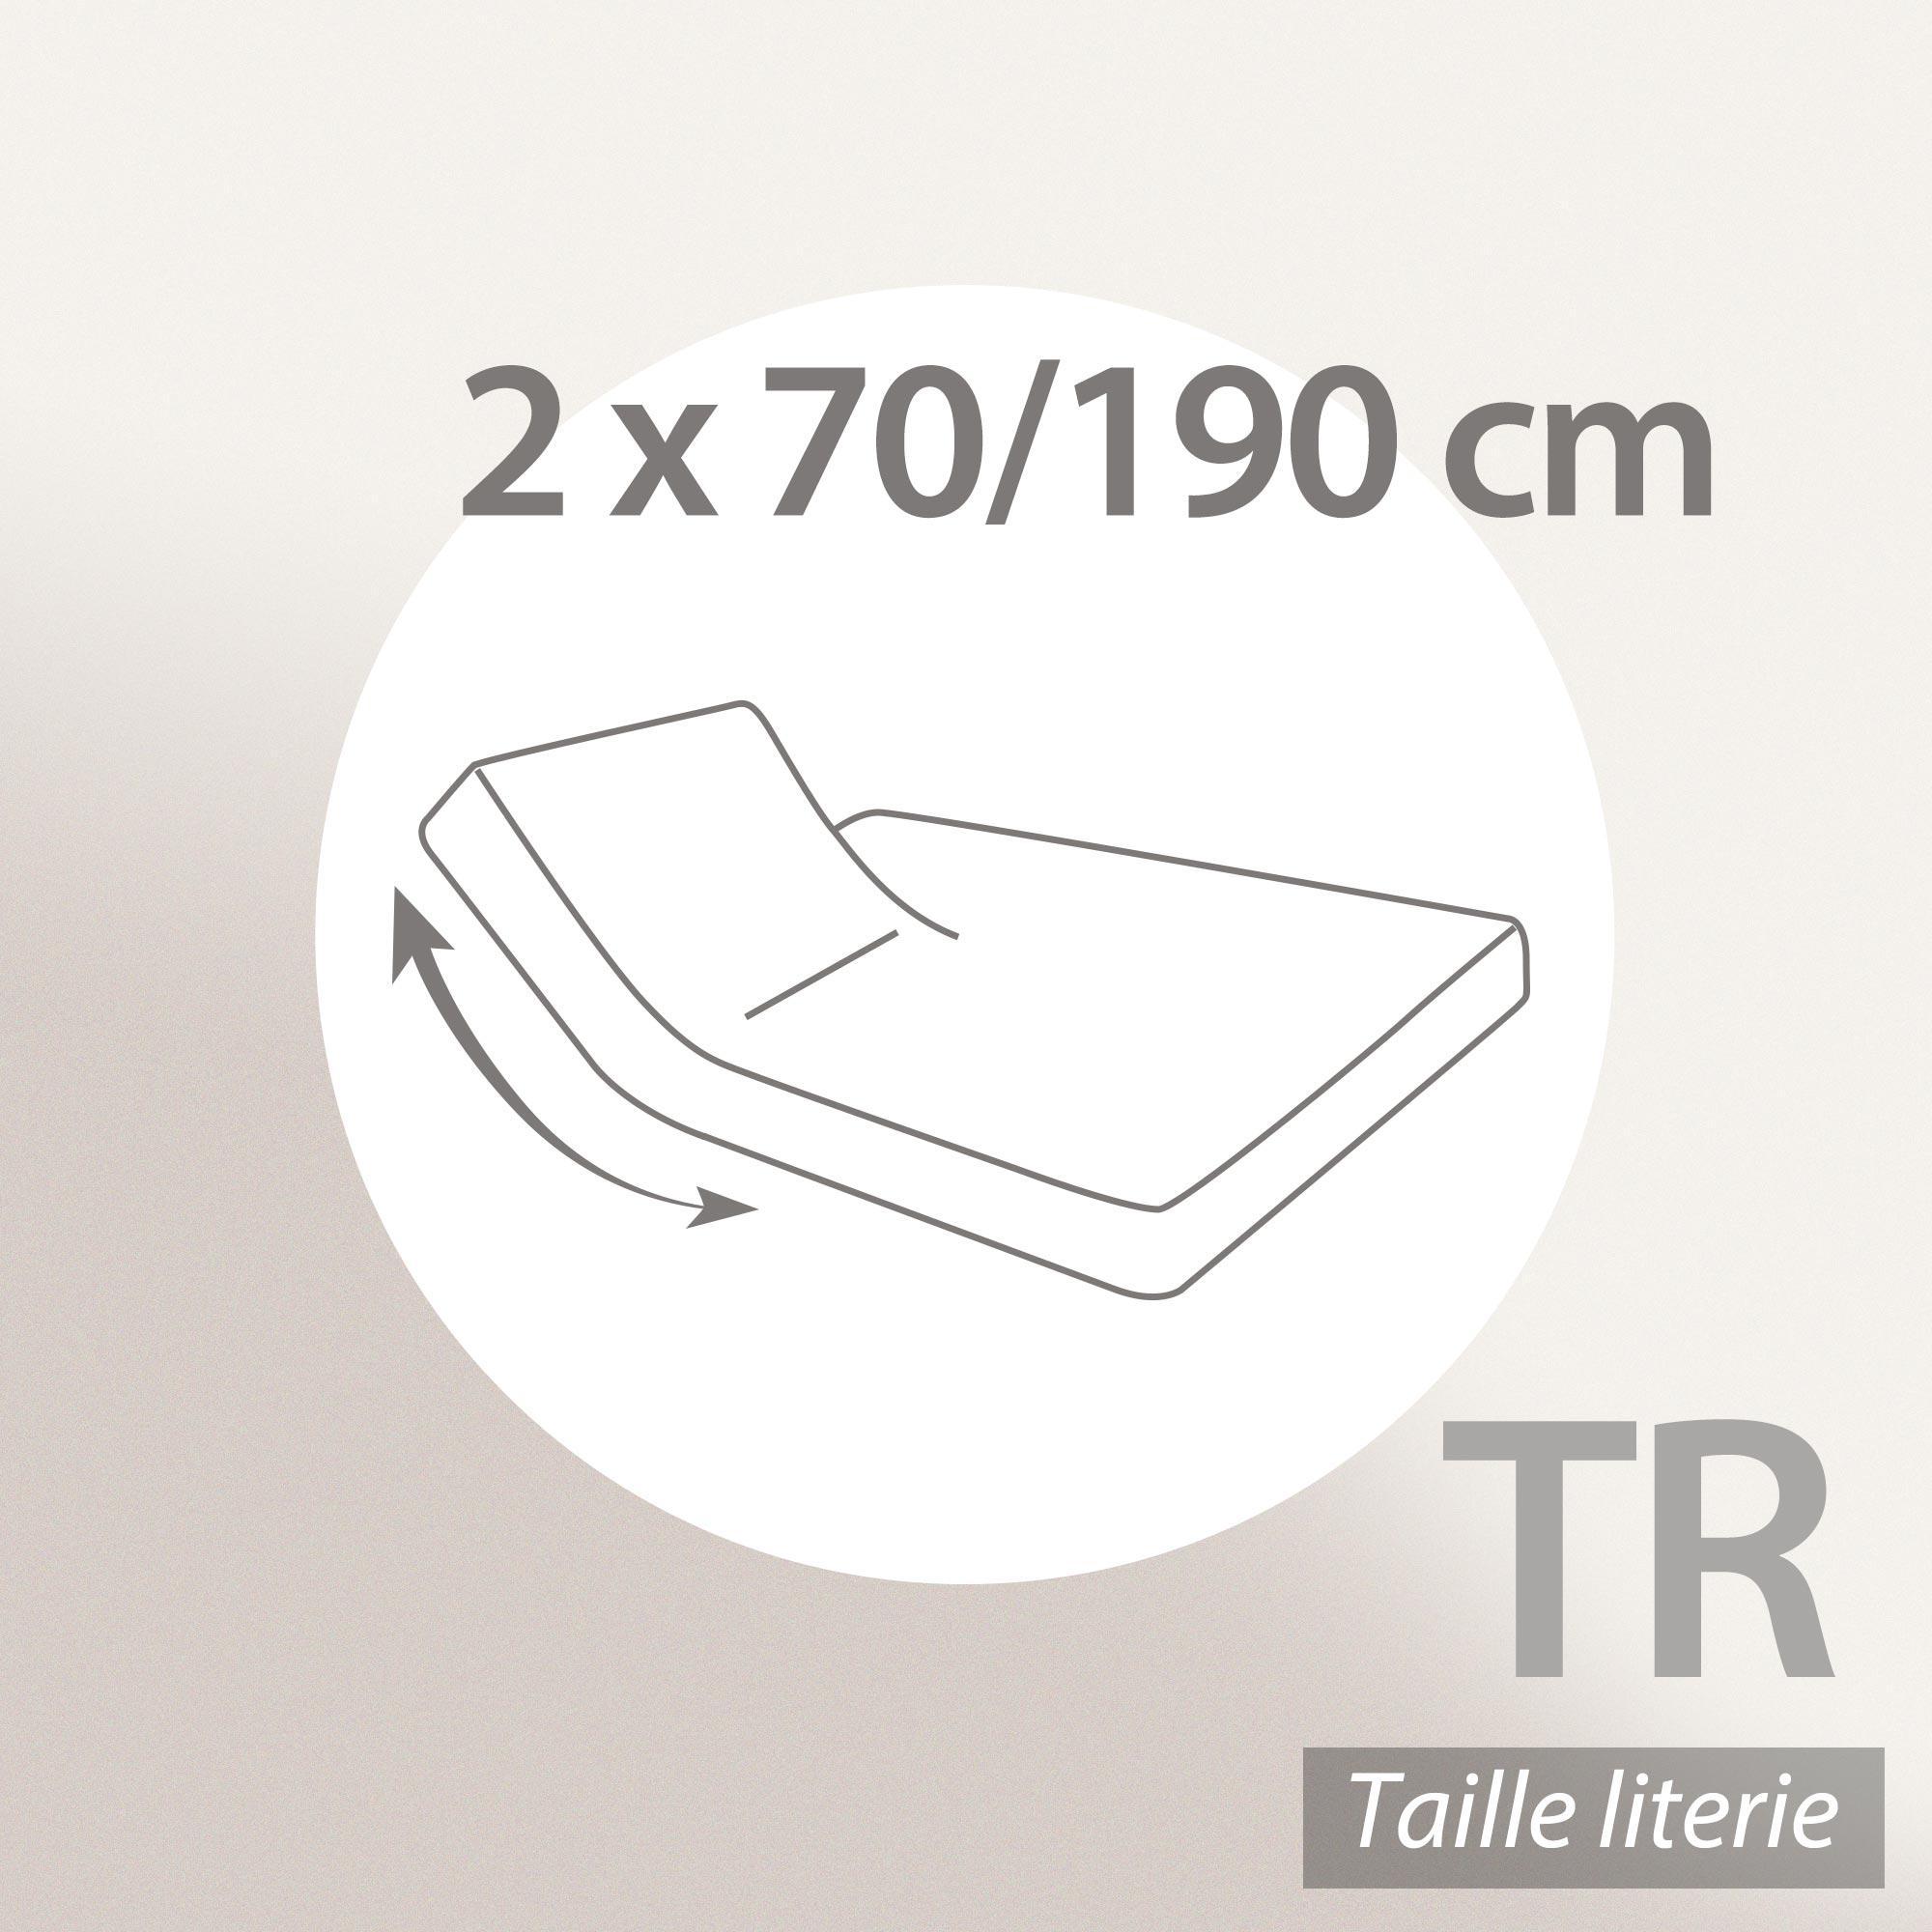 prot ge matelas imperm able 2x70x190 cm lit articul tr bonnet 30cm arnon molleton 100 coton. Black Bedroom Furniture Sets. Home Design Ideas